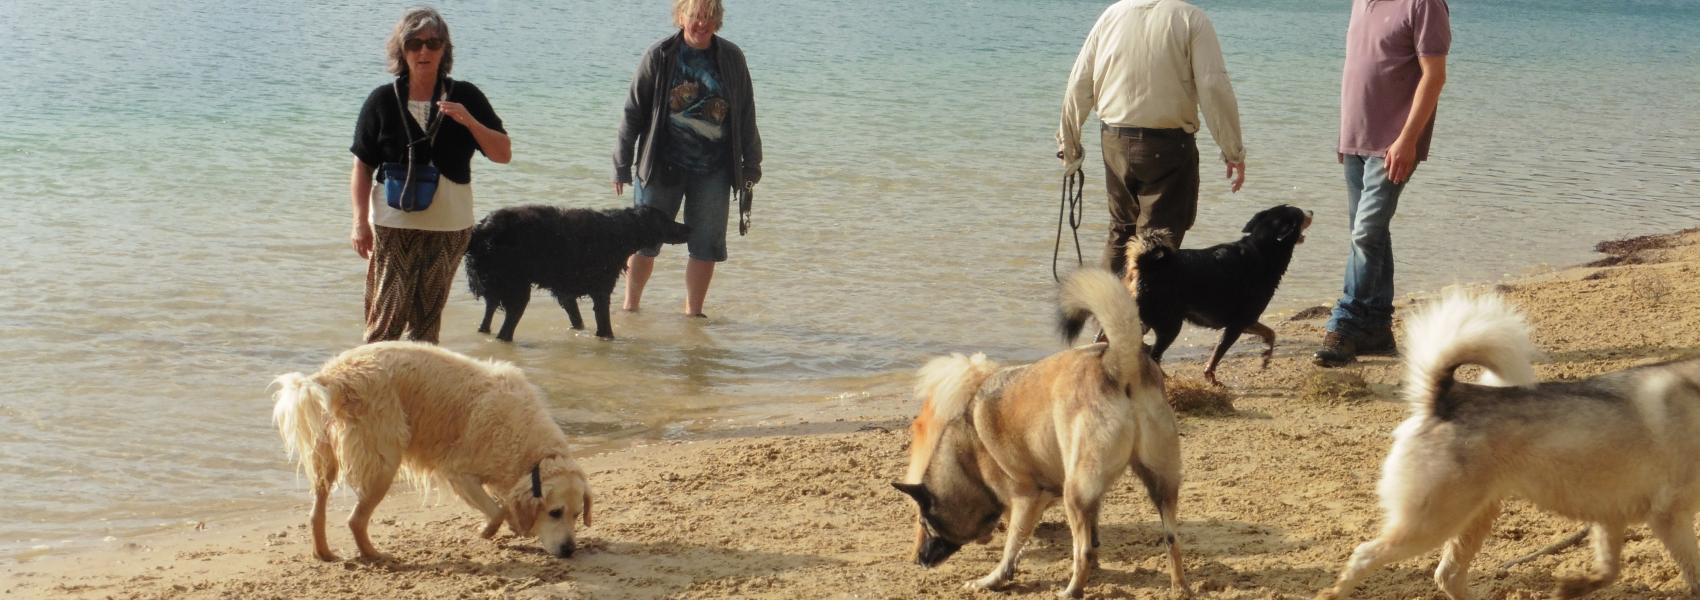 Hondenzone